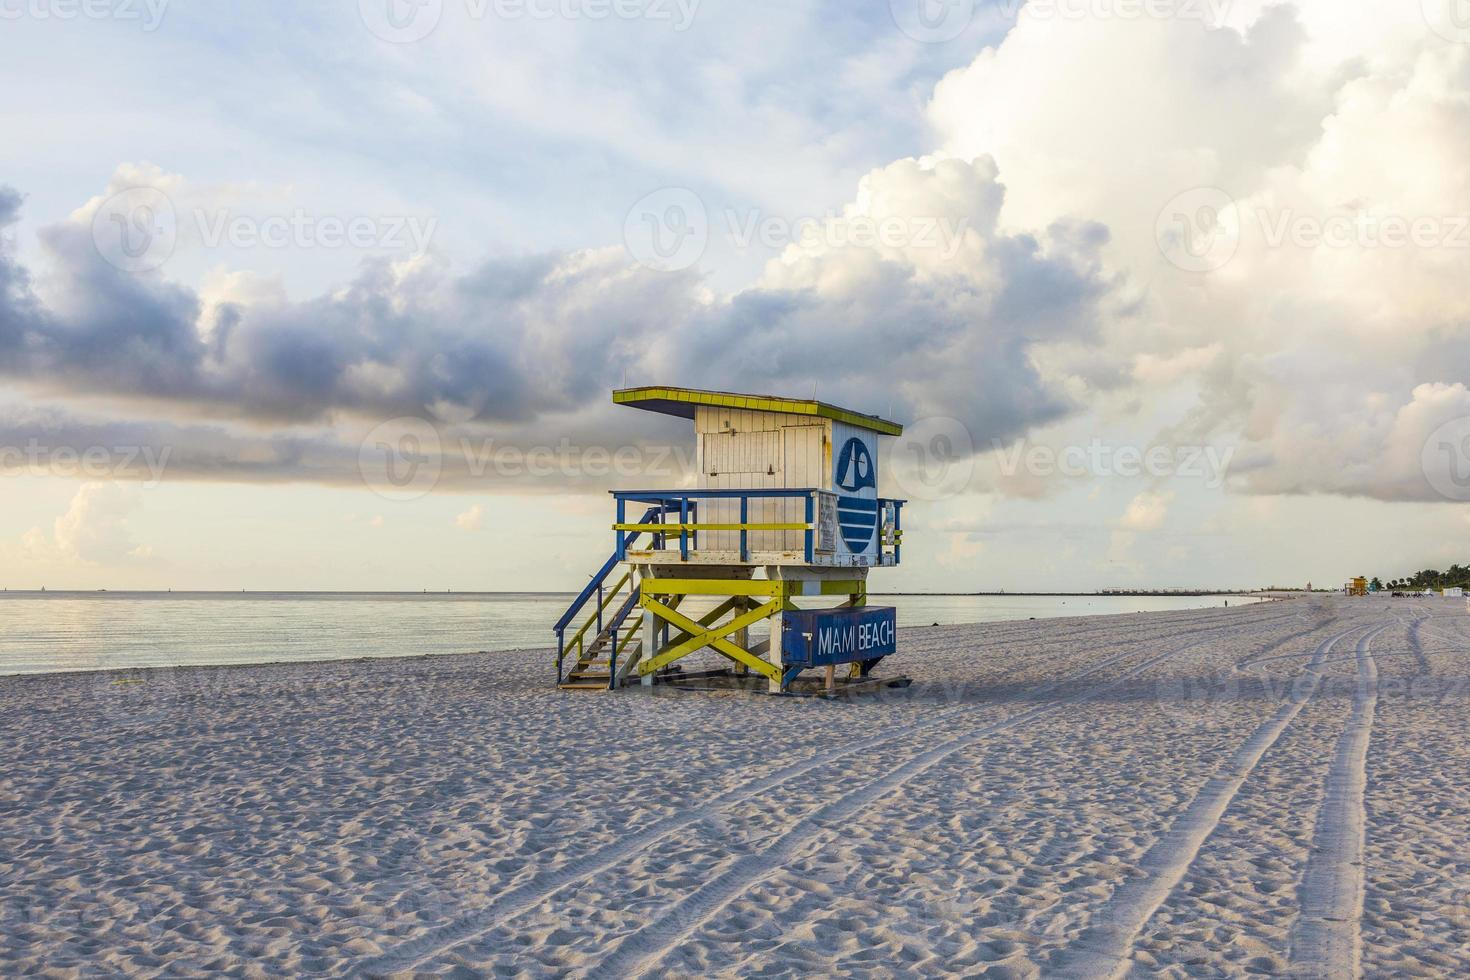 Cabane de plage en bois de style art déco sur la plage sud photo